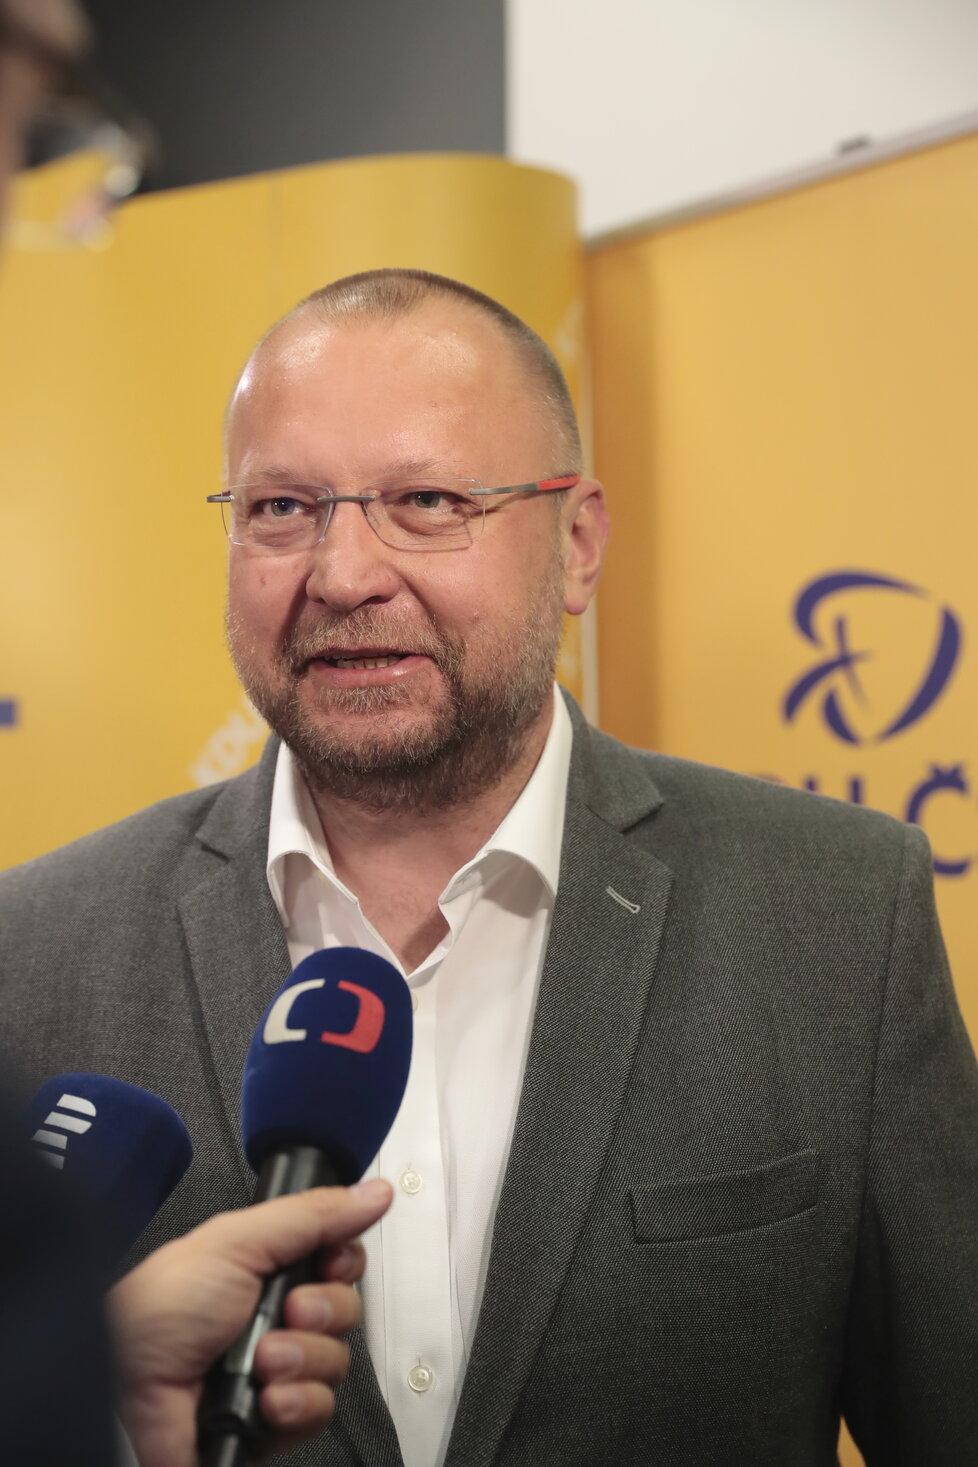 Volby 2018, KDU-ČSL: Místopředseda strany Jan Bartošek doufá ve vítězství